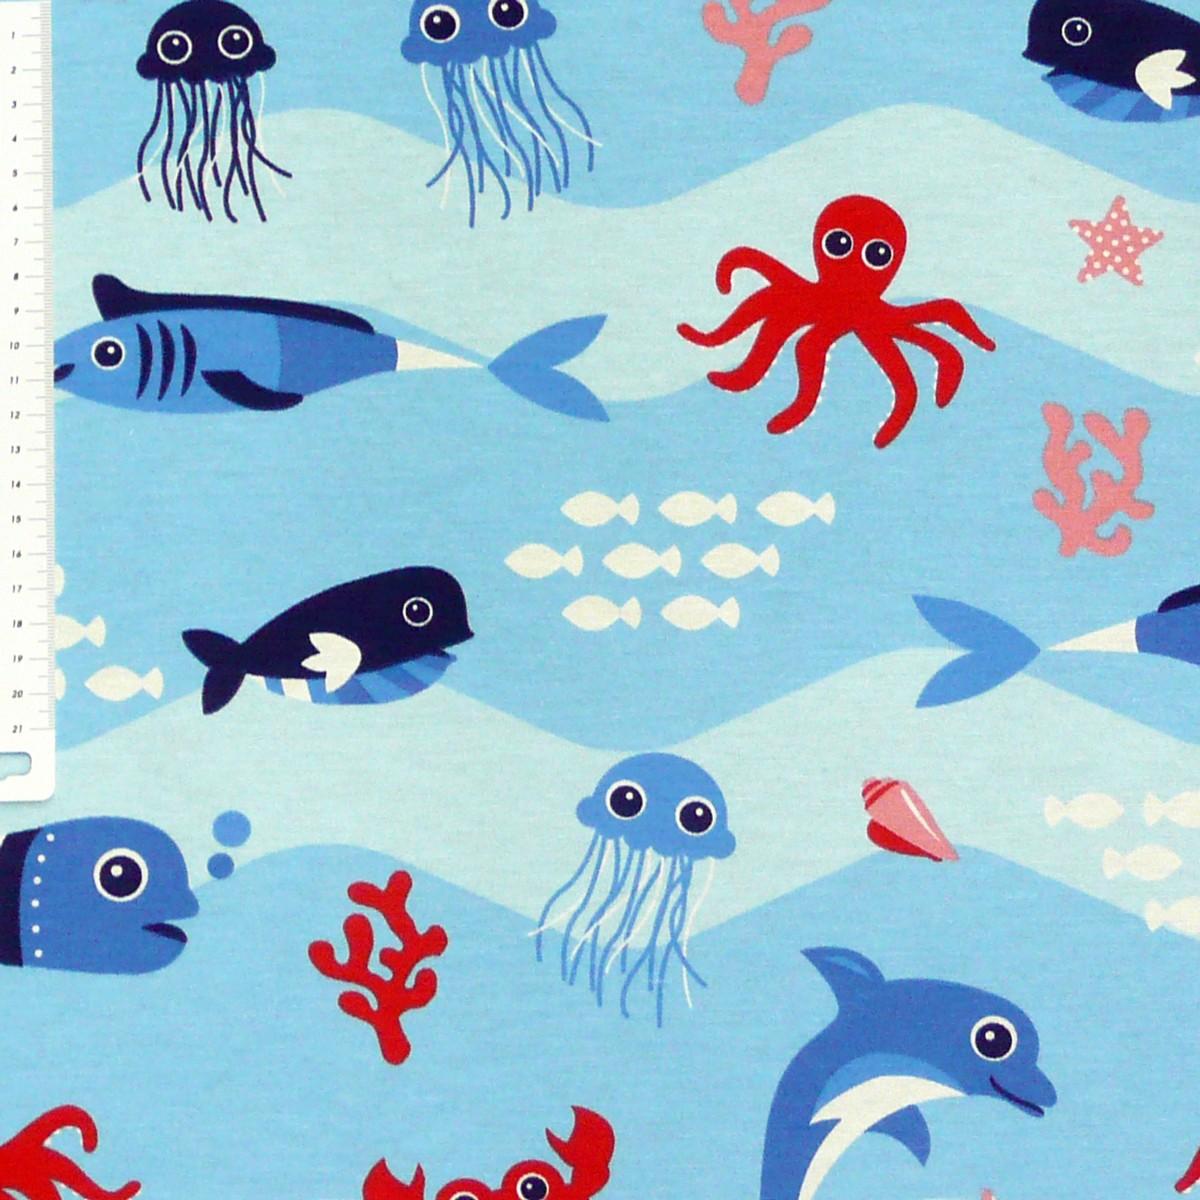 Dekostoff Unterwasserwelt Wasser Fische Gardinenstoffe Dekostoffe